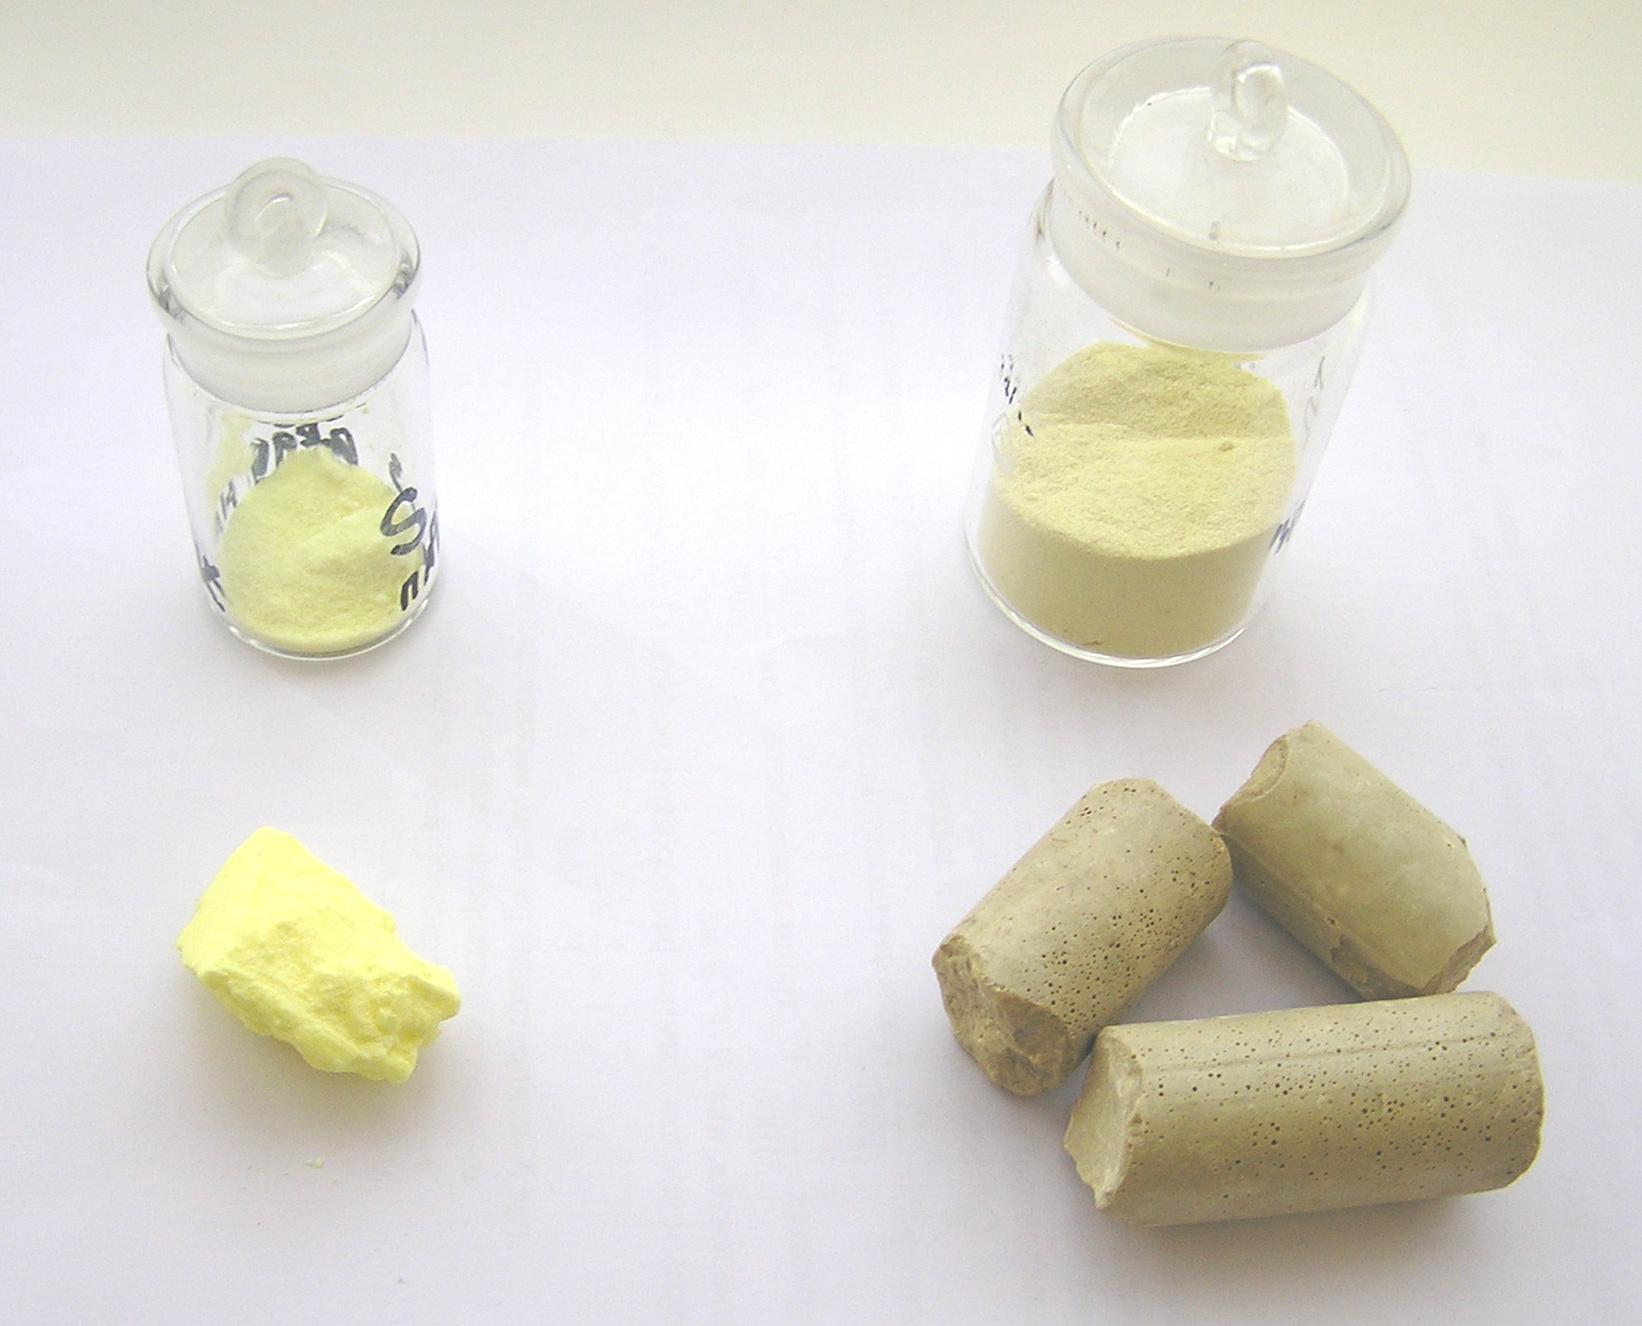 Сера очищенная: кусок и порошок; сера черенковая: куски и порошок